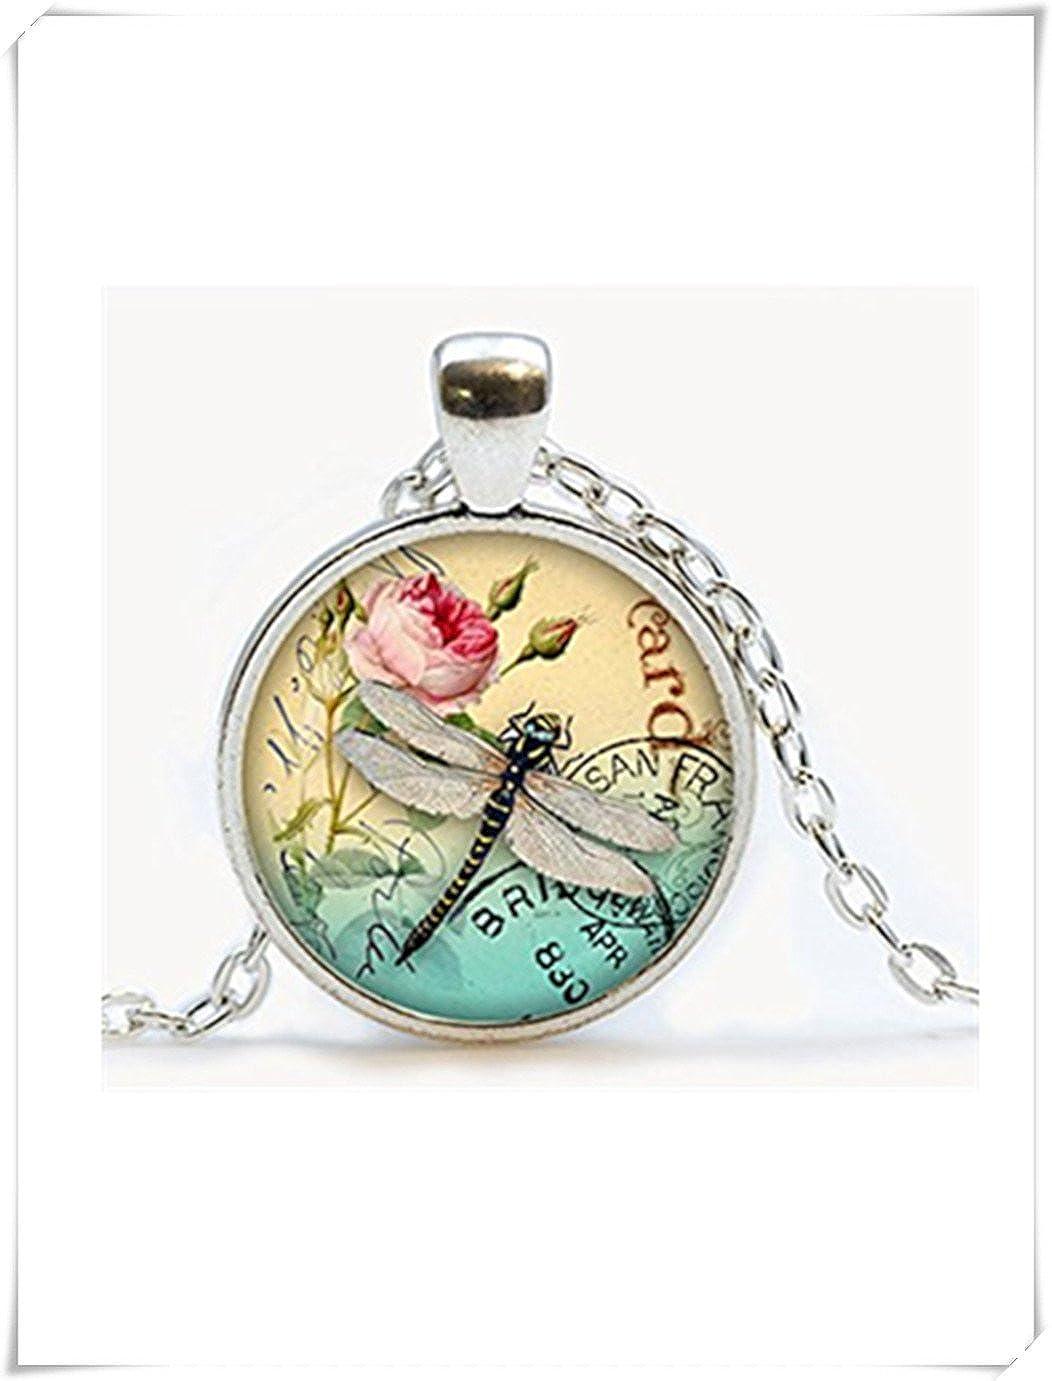 Blanco Libélula con Rose Collar colgante, libélula, Dragonfly cristal de cúpula de joyas, joyas, Pure hecho a mano